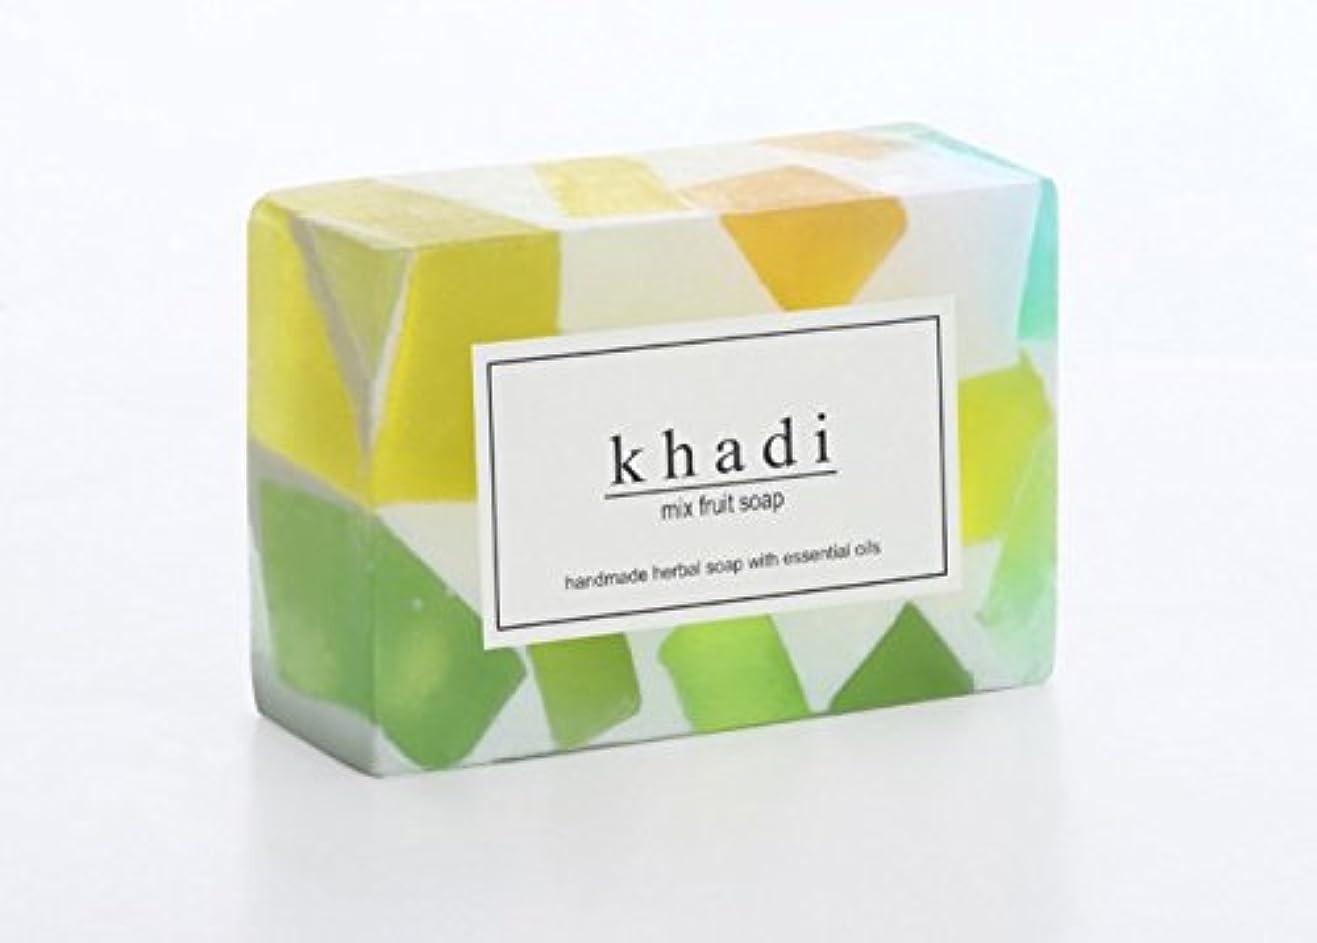 勃起ナース義務Khadi Natural Mix Fruit Soup(ミックスフルーツ石鹸)125g 6個セット [並行輸入品]